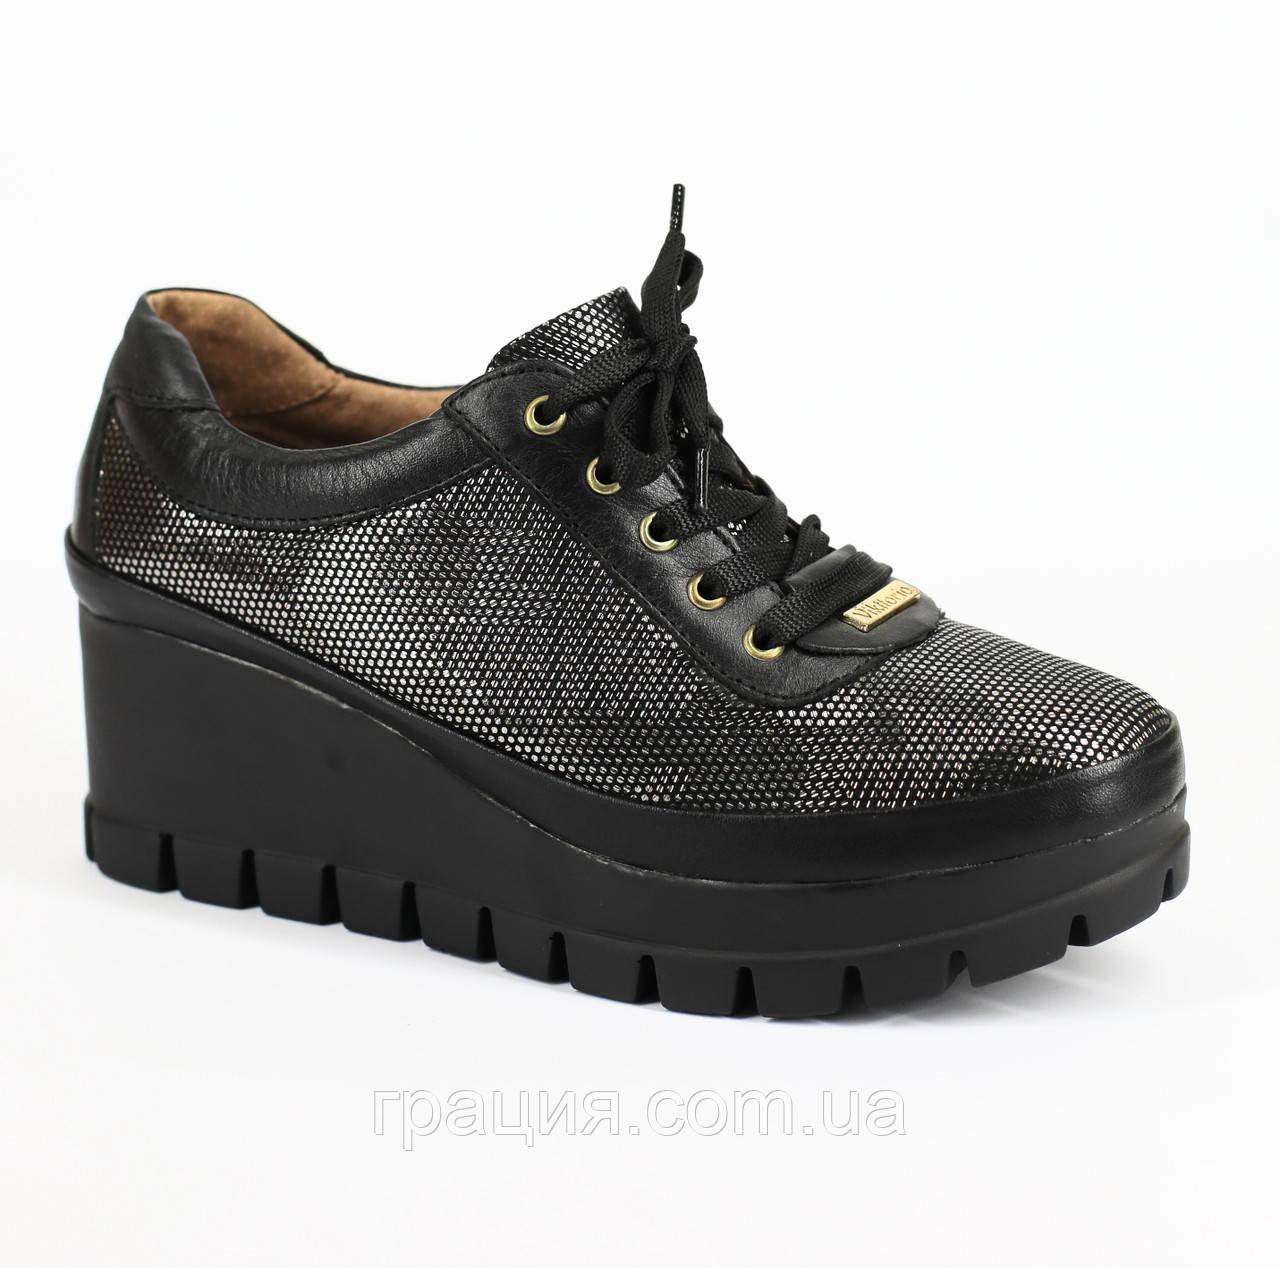 Кожаные молодежные туфли на платформе